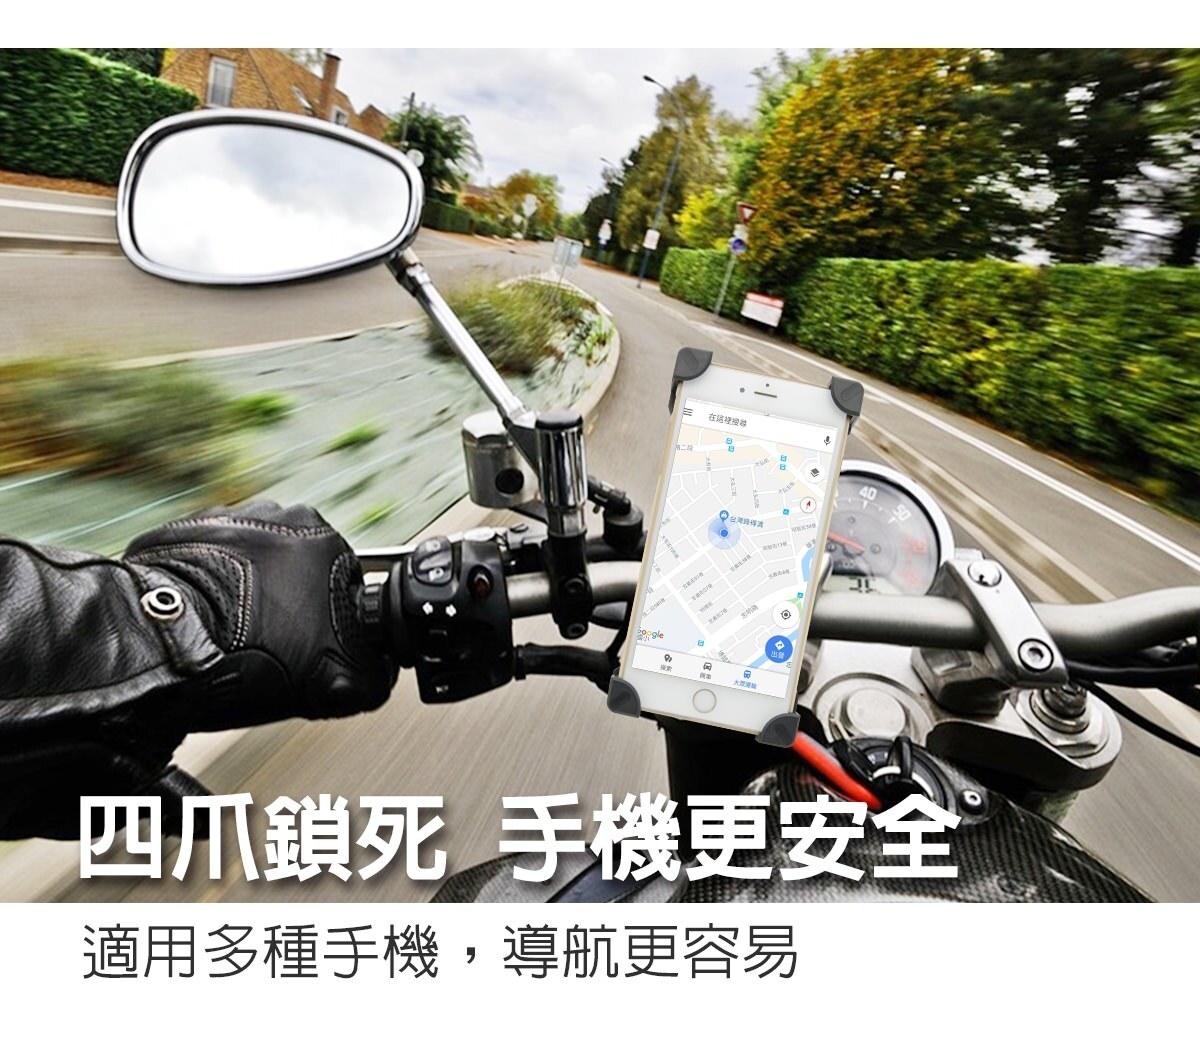 機車後照鏡用 X型鷹爪手機架 穩固安全 導航支架 機車旅遊 騎行防震 固定防震